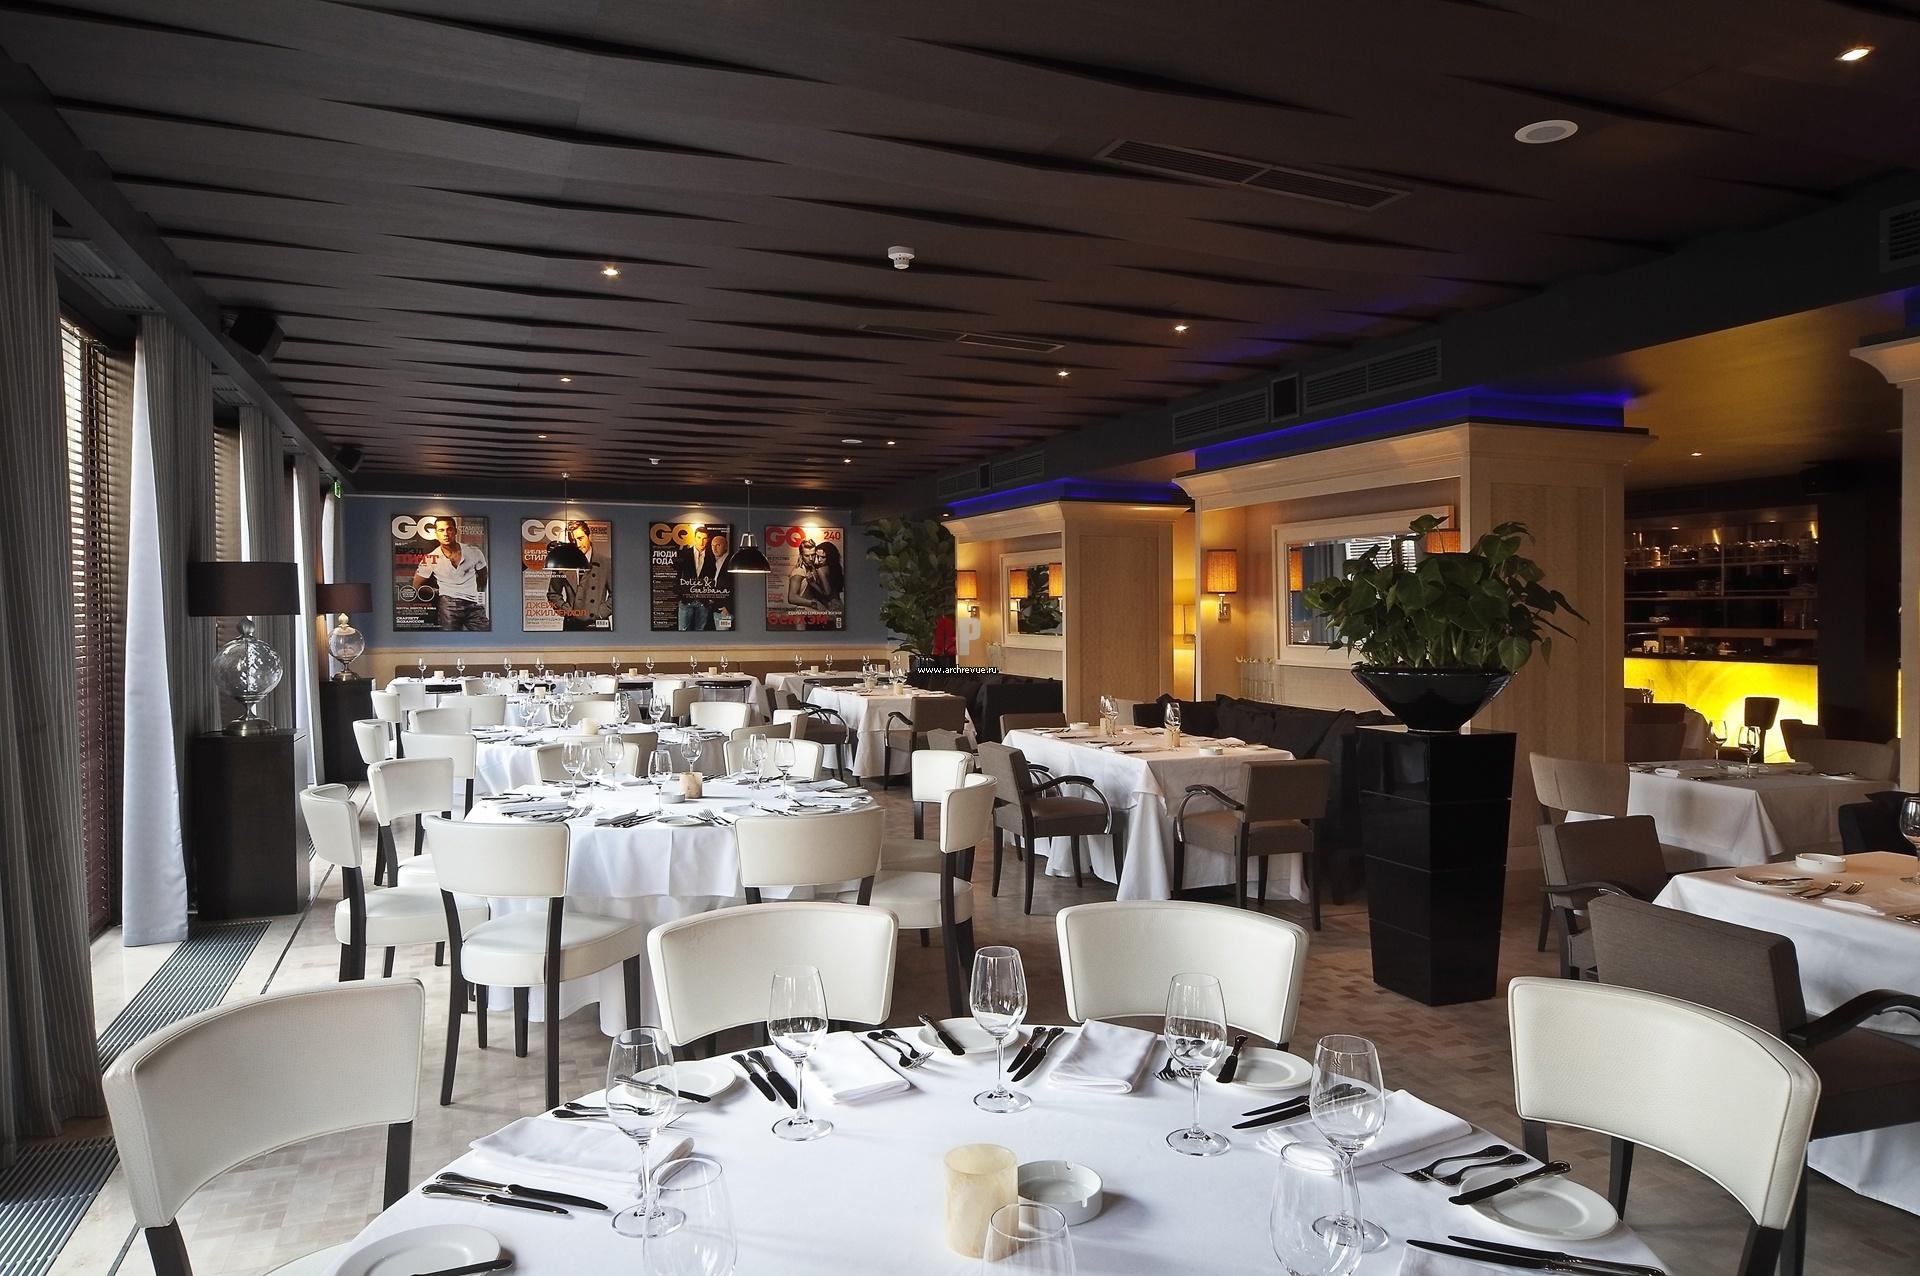 Интерьер европейского зала ресторана в стиле фьюжн. Потолок оформлен широкими панелями, которые располагаются в разных плоскостях.